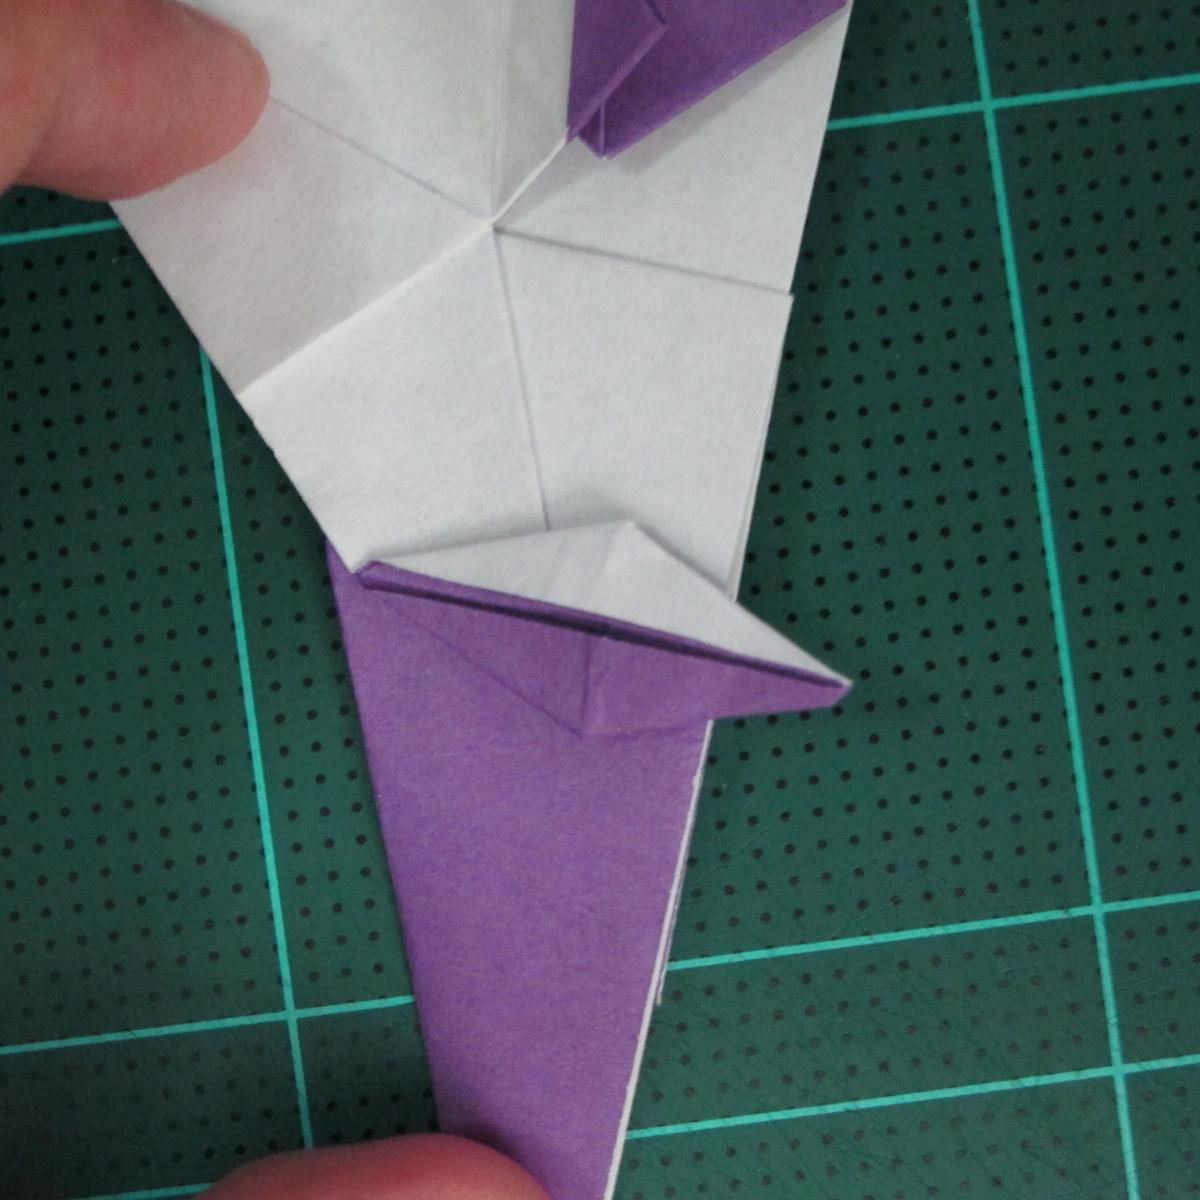 วิธีพับกระดาษเป็นรูปนกอินทรี (Origami Eagle) 025